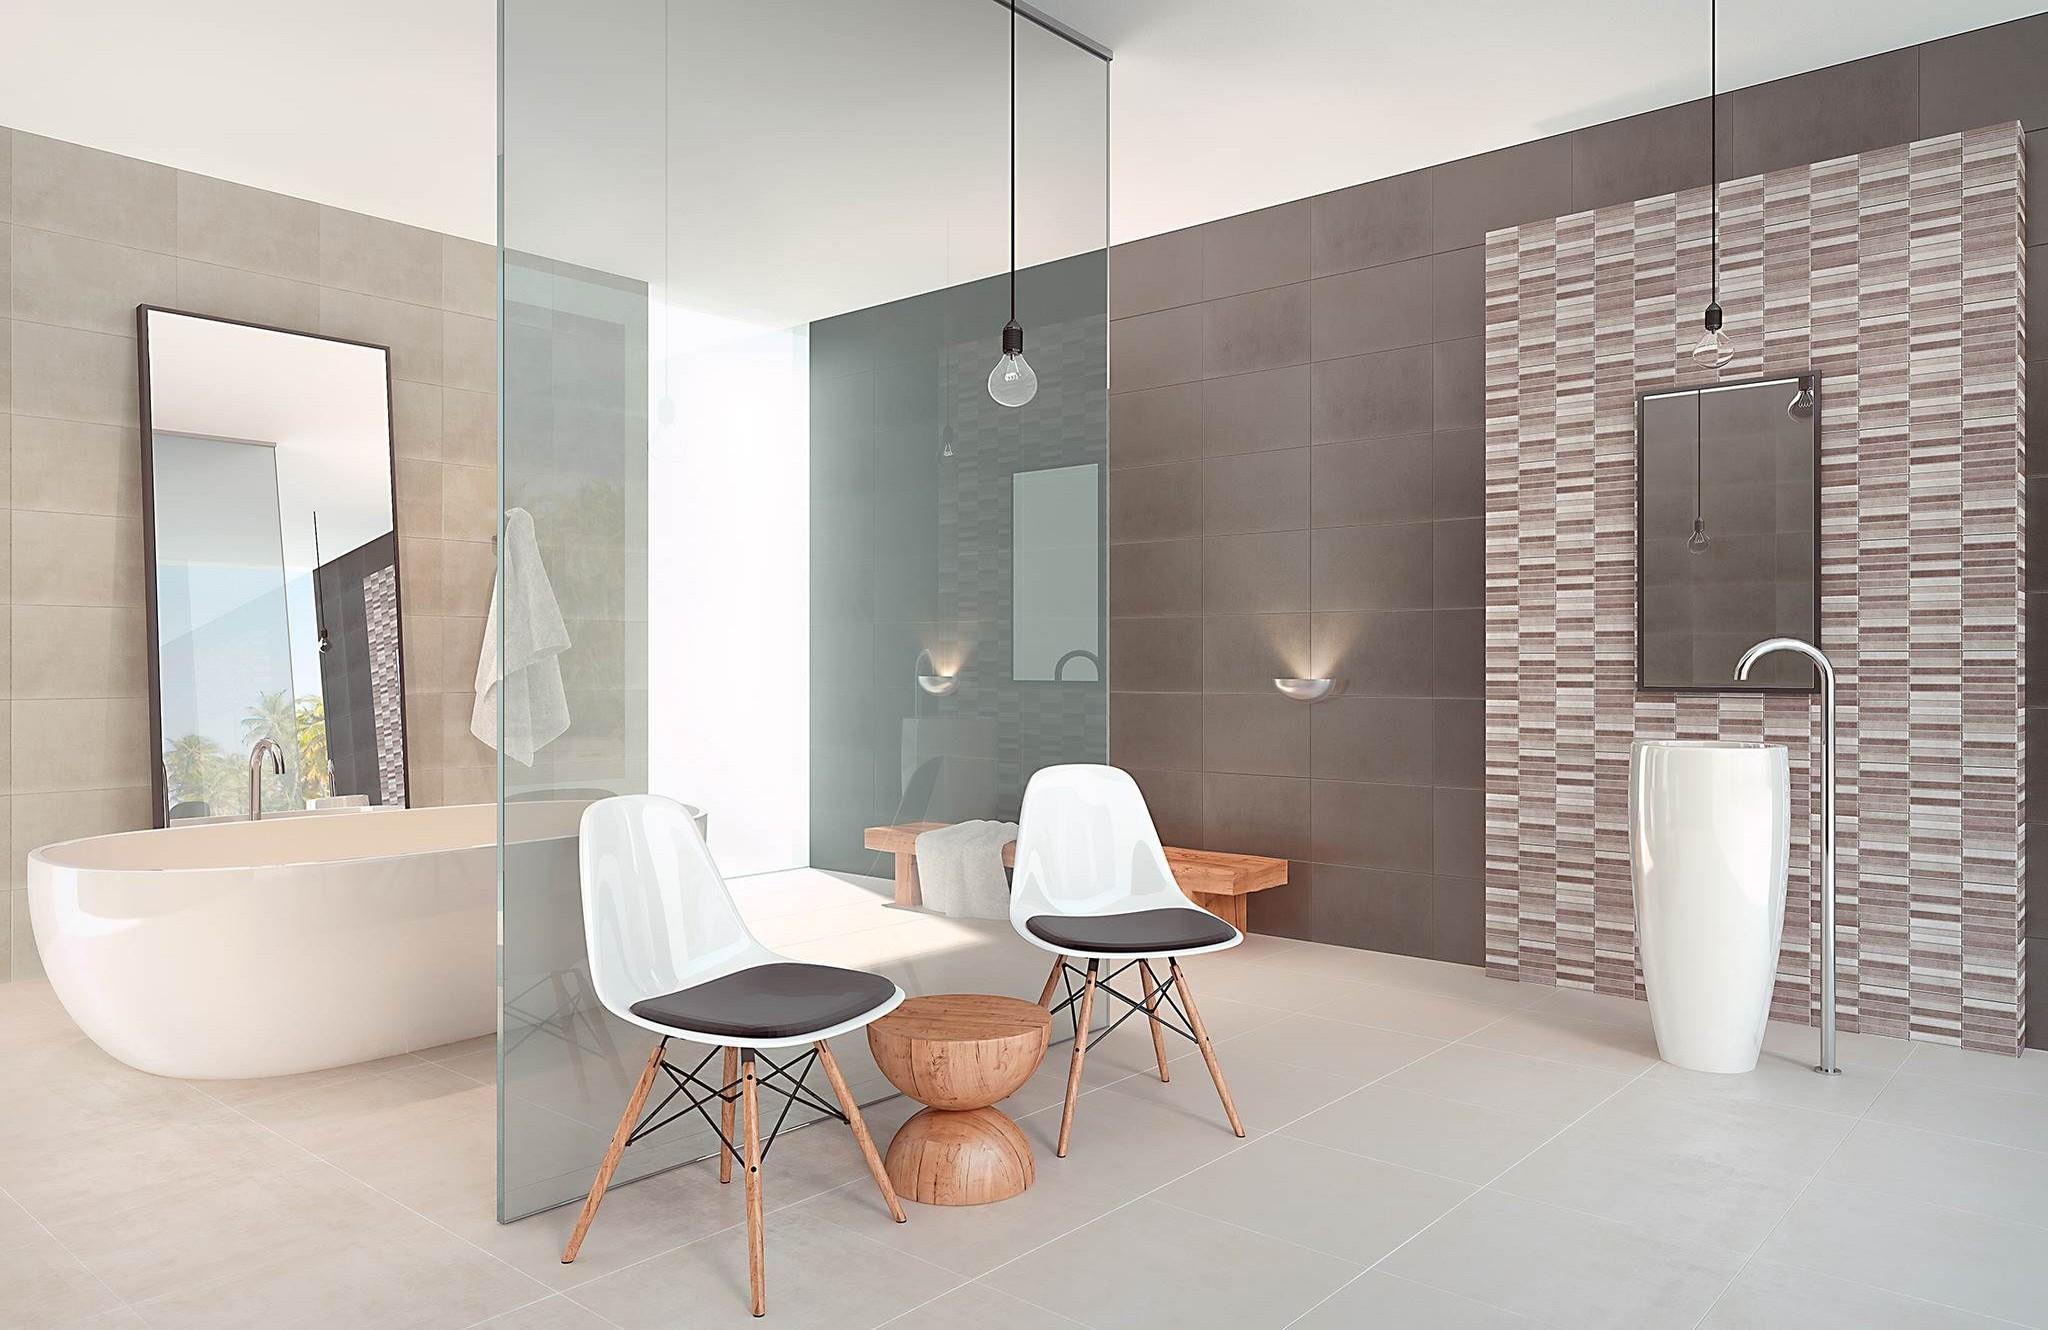 Faience salle de bain cifre   serie modus 25x70 1° choix carrelage ...